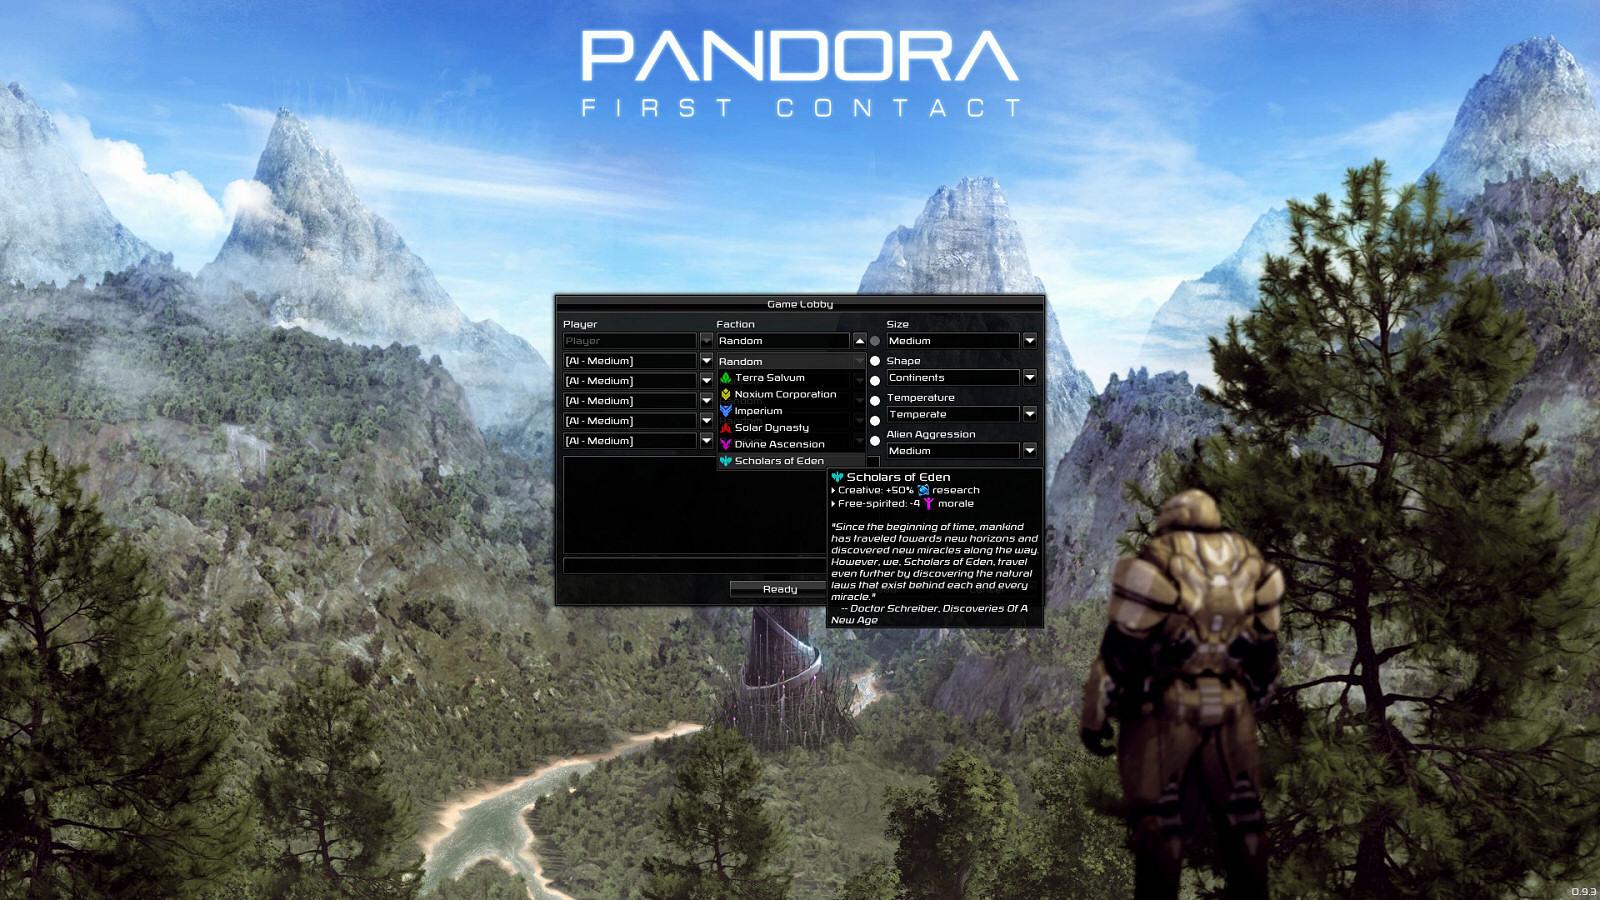 pandora_first_contact_factions_large.jpg